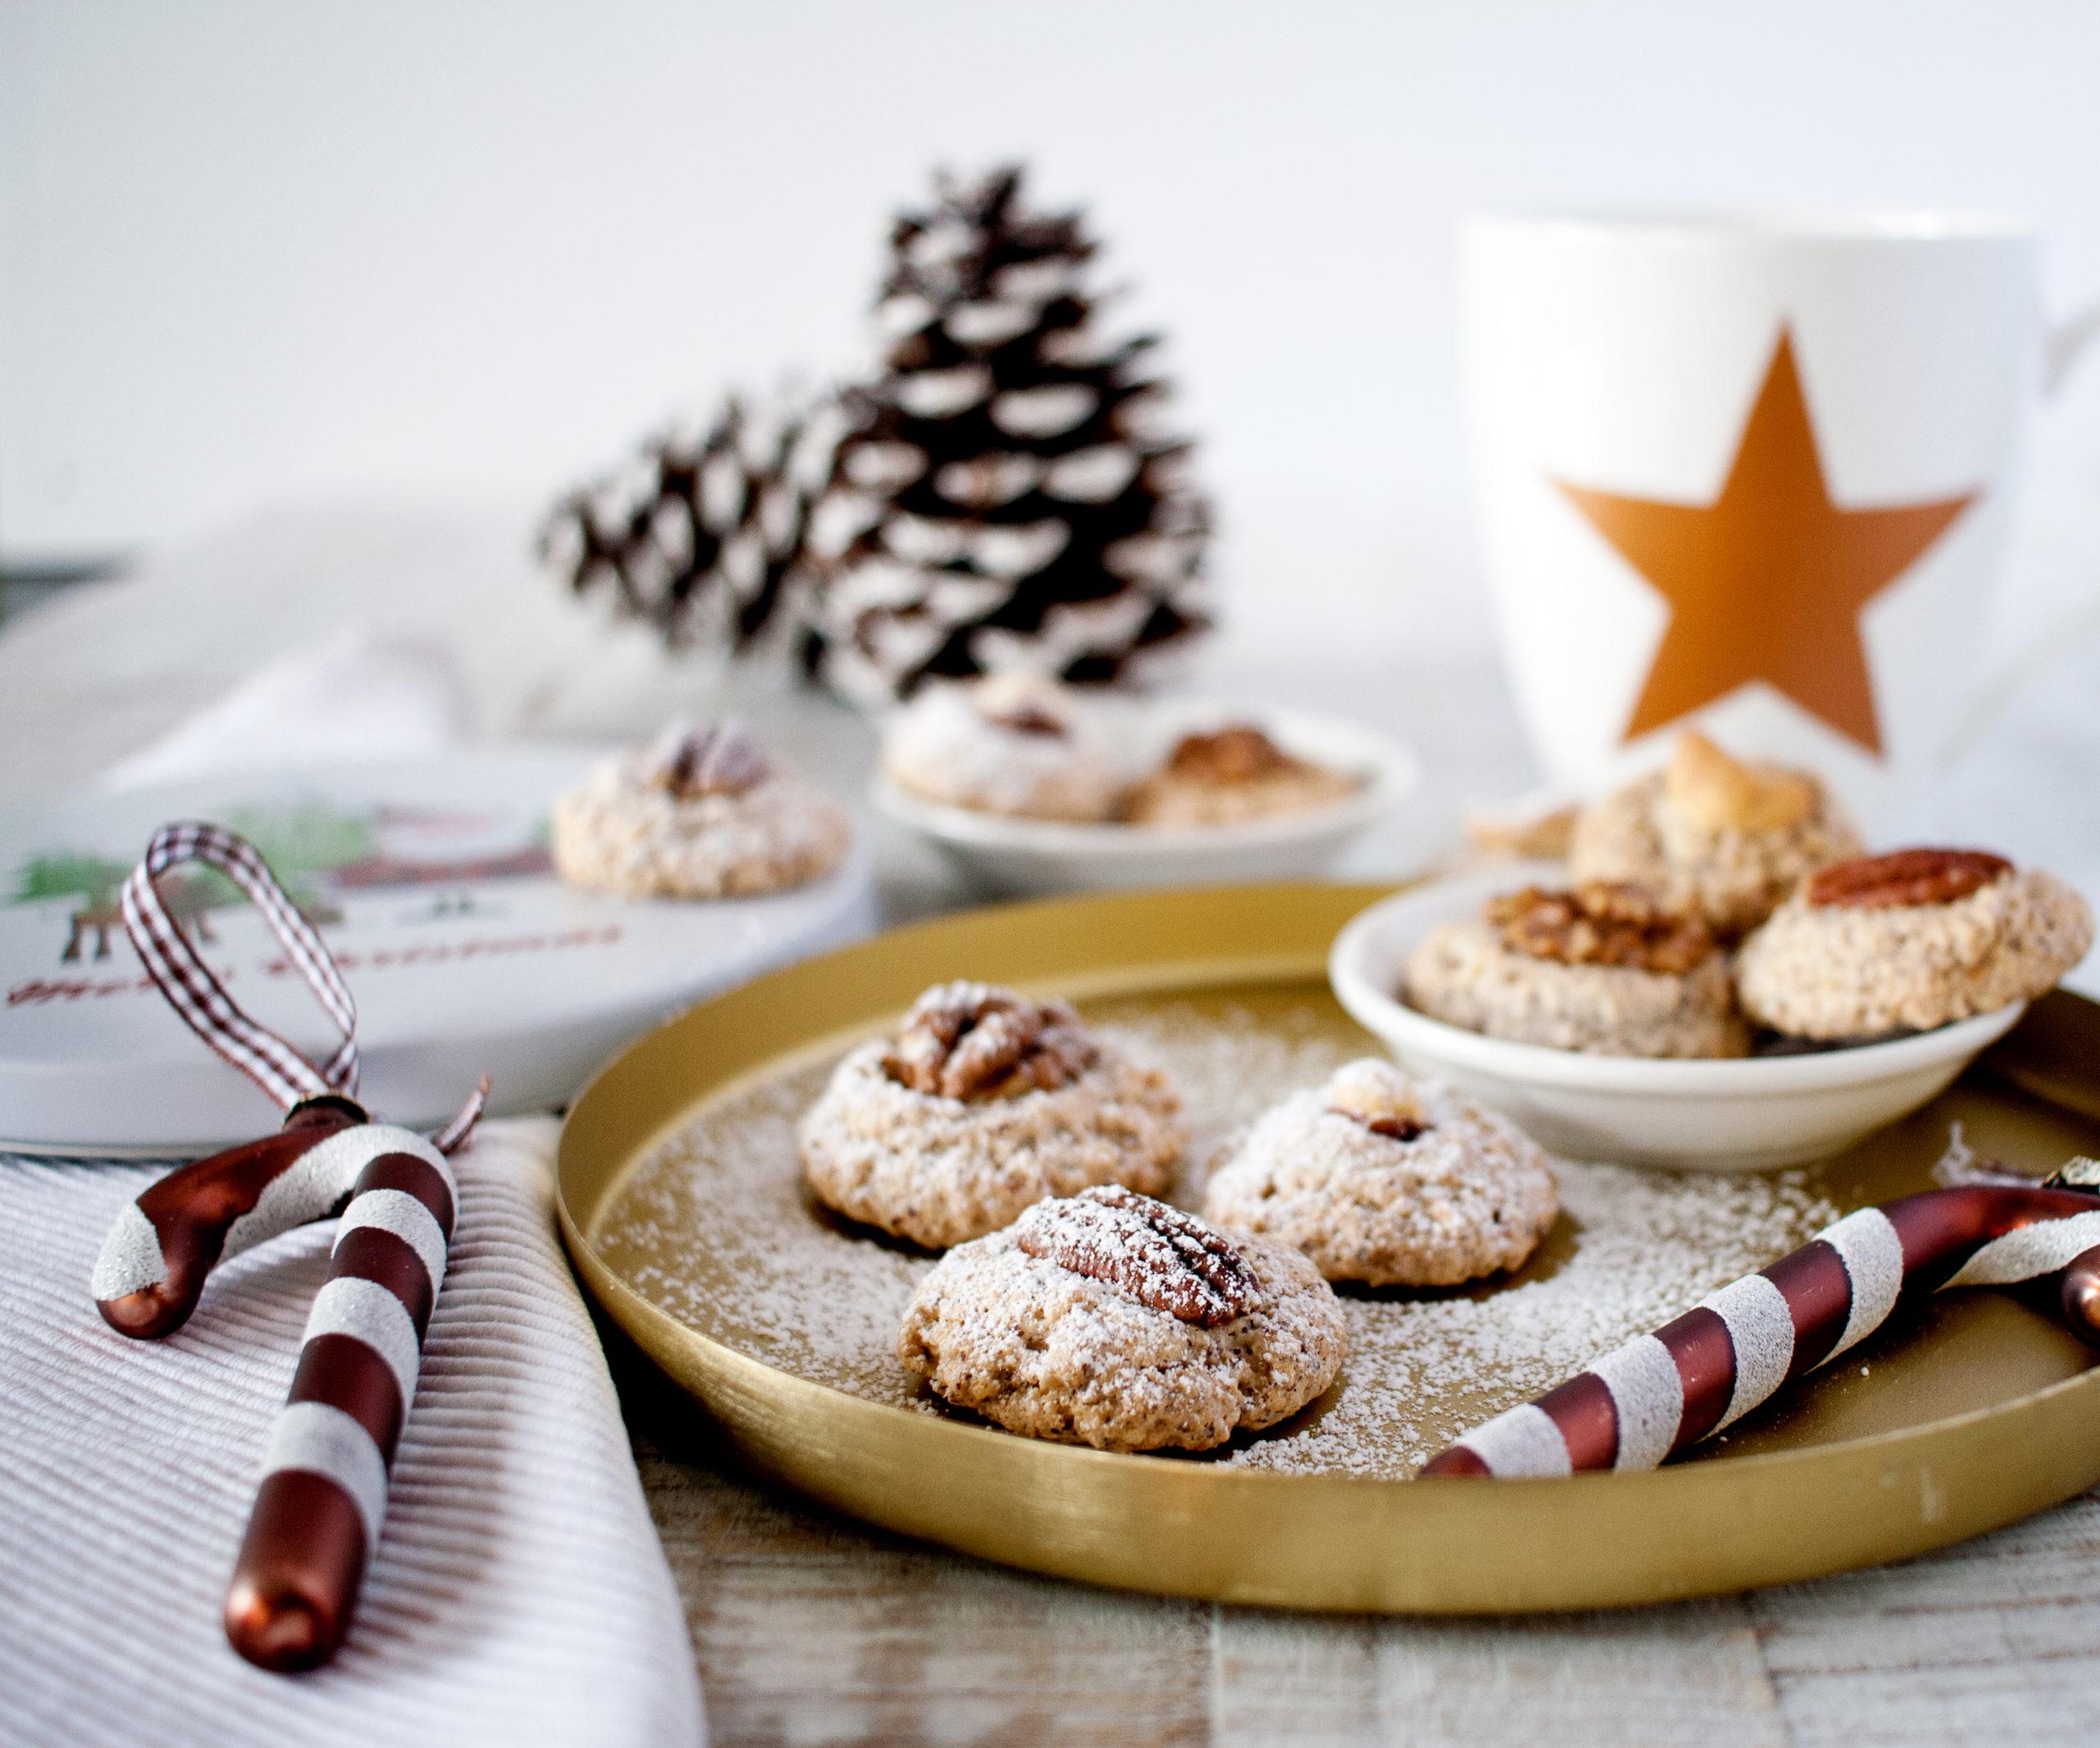 Tipps für Weihnachten http://babyrockmyday.com/weihnachtstipps